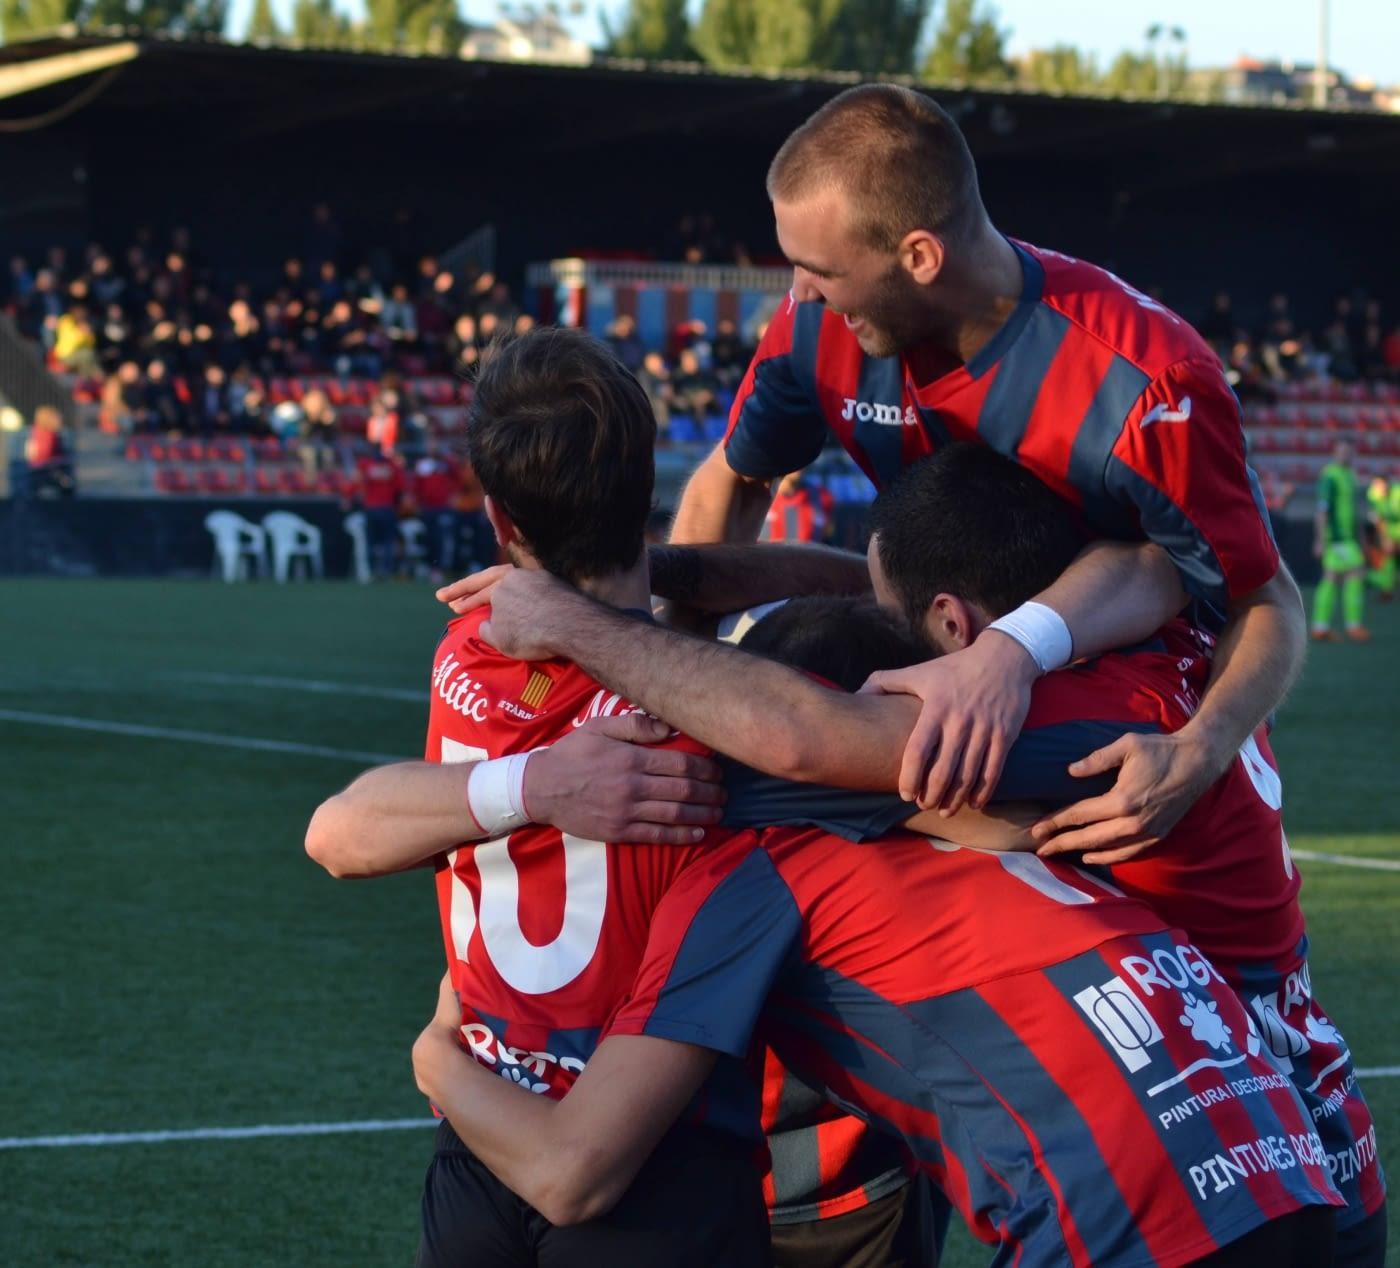 Crònica - Jornada 10 Primera Catalana: UE Tàrrega 2 -0 UD Viladecans